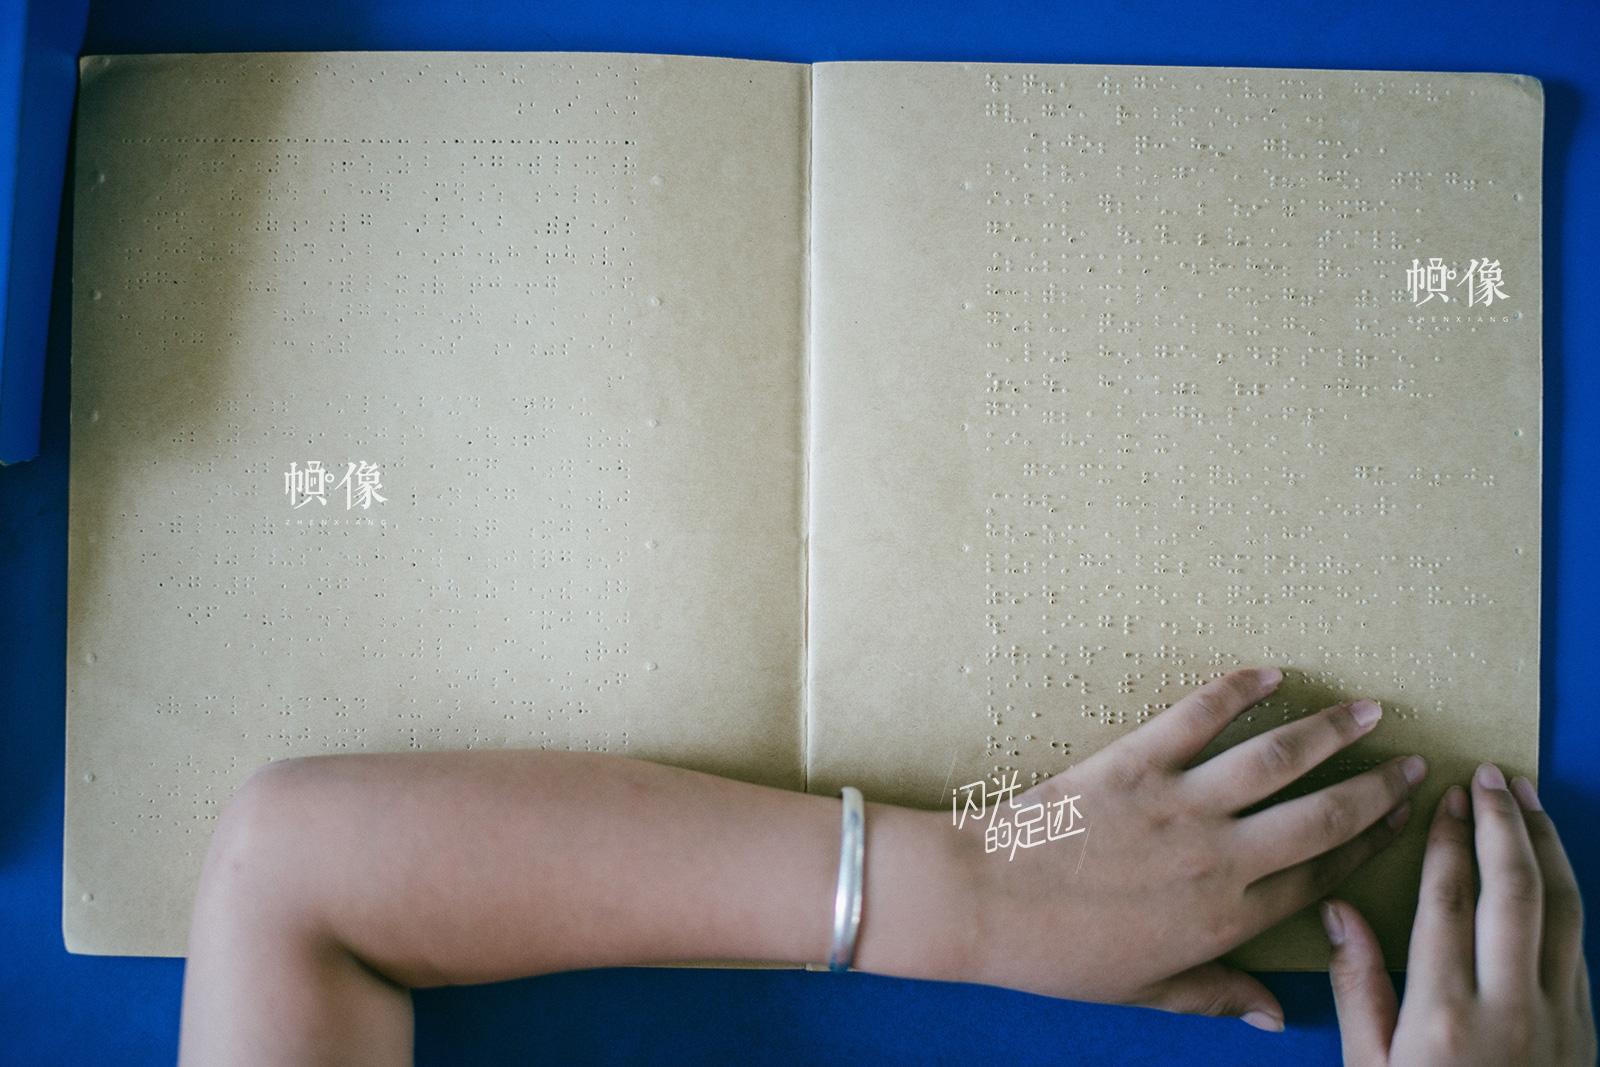 2016年05月26日,广东省惠州市,盲文的书写工具和健全人的一样,是用以记录文字的。目前,我国大多数盲人使用的盲文书写工具是盲文字板和盲文字笔。这些书写工具给盲人带来了很多便利。(视觉中国)